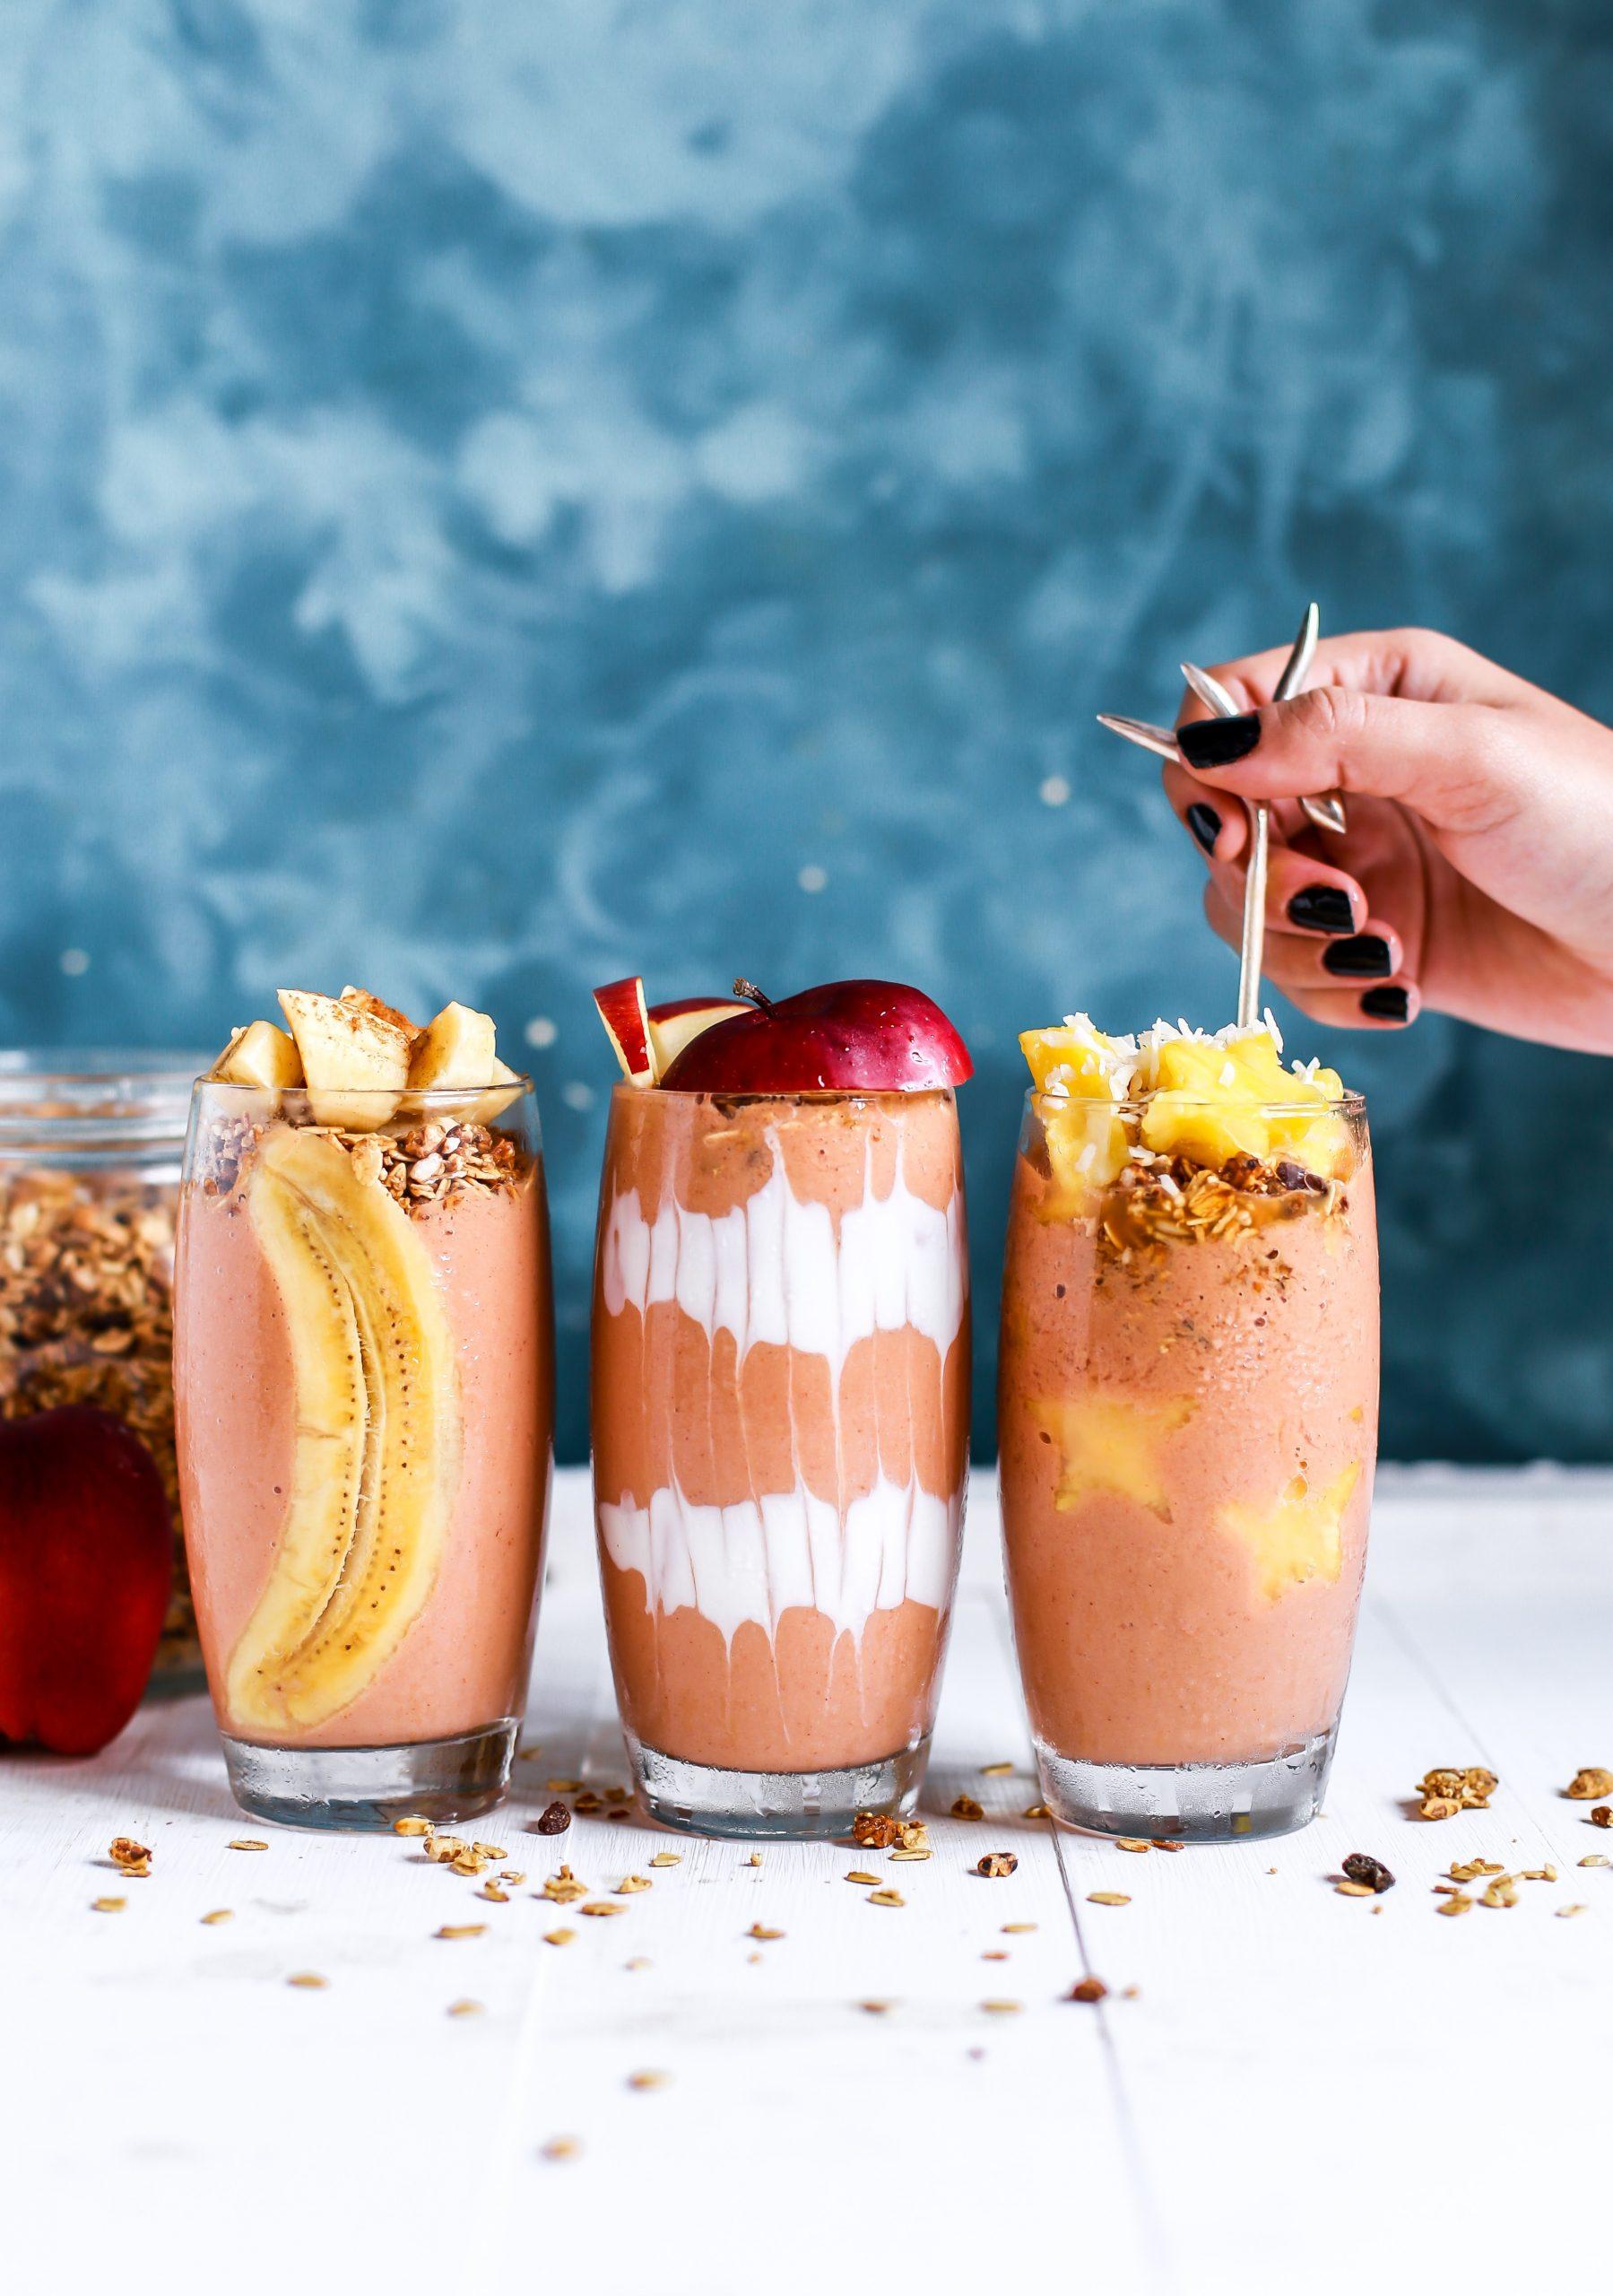 減肥代餐要如何選、如何吃?